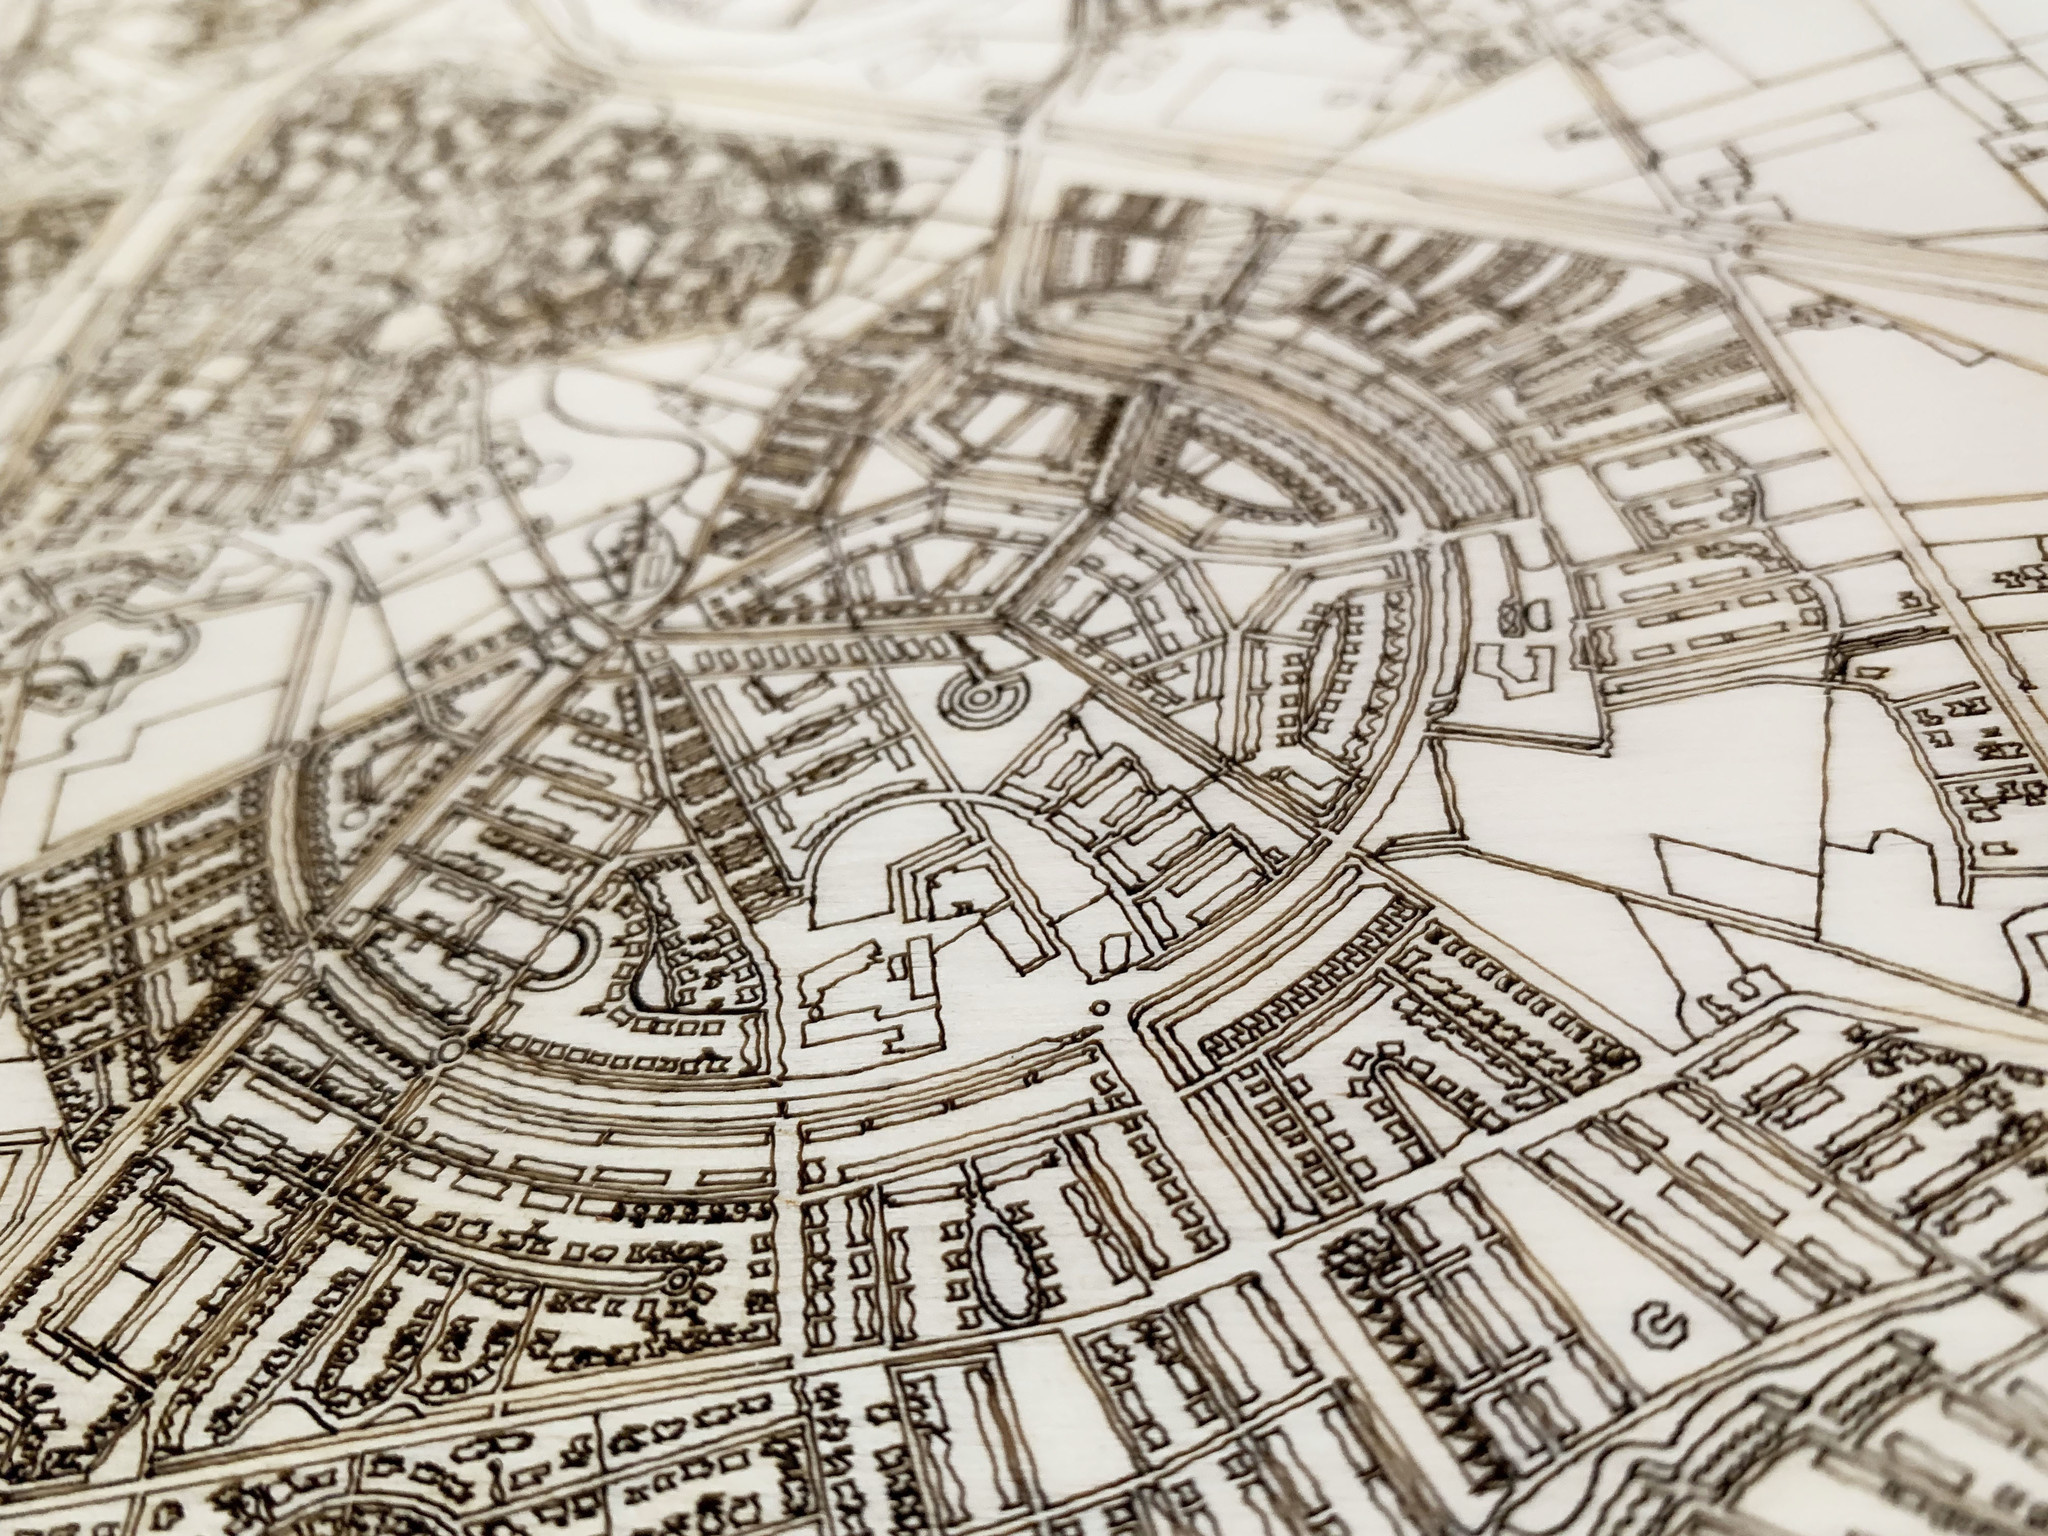 Stadtplan Meppen | Wanddekoration Holz-4